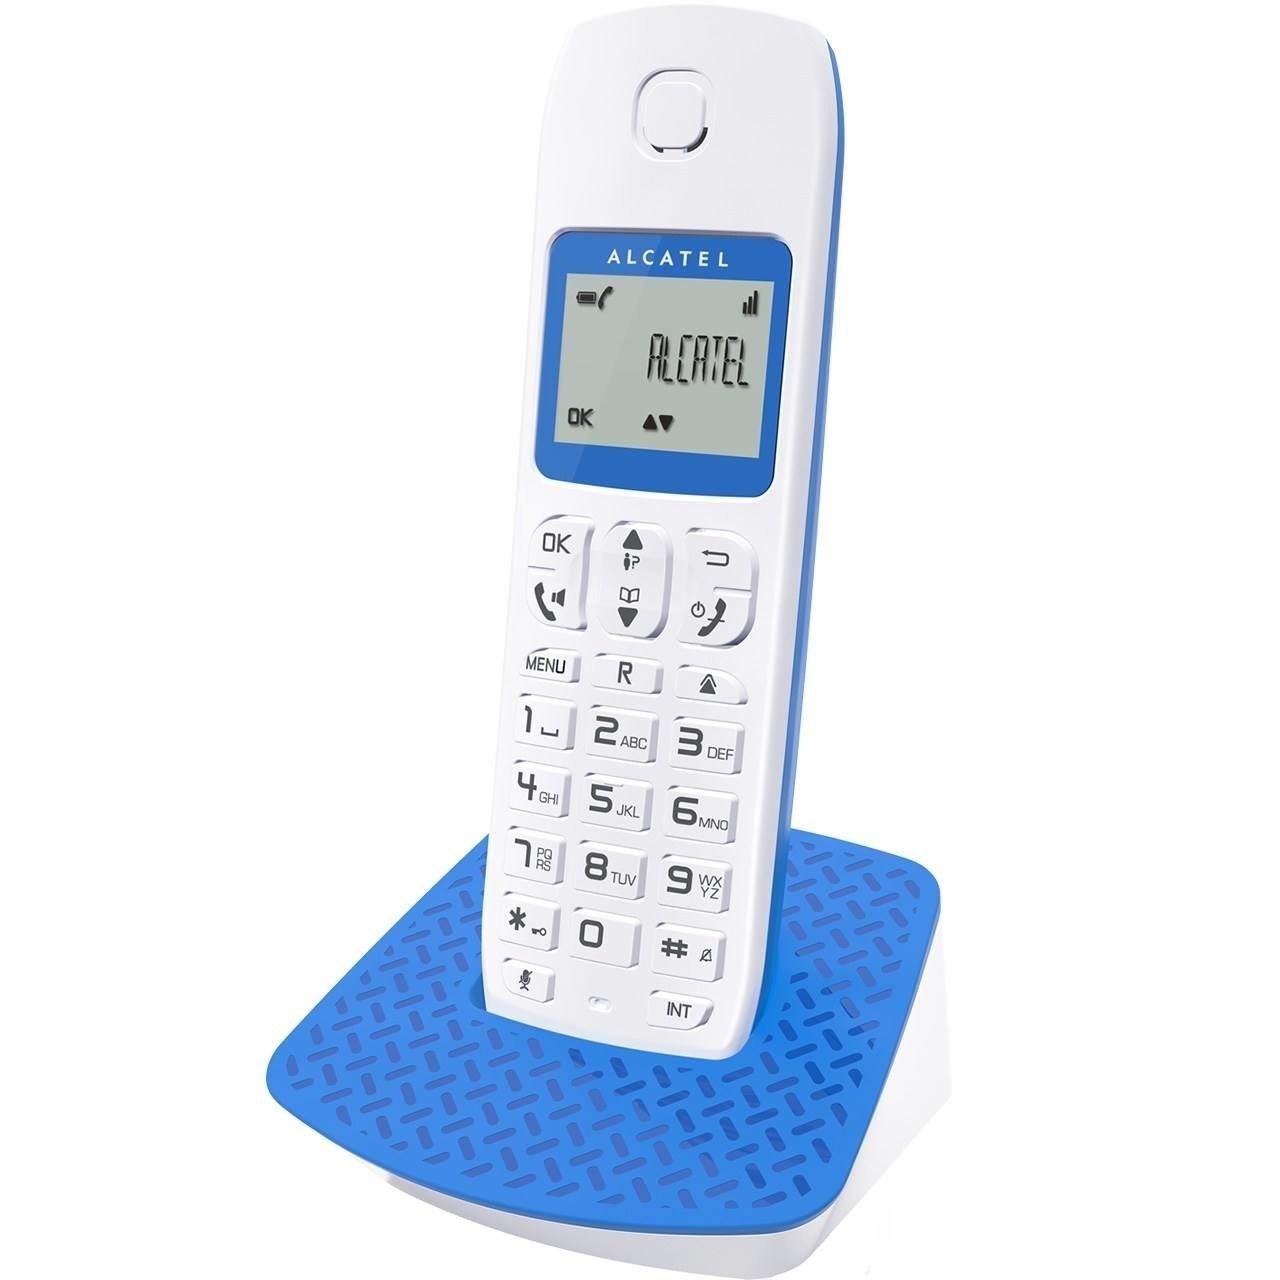 عکس تلفن بیسیم آلکاتل مدل E192 Alcatel E192 Wireless Phone تلفن-بی-سیم-الکاتل-مدل-e192